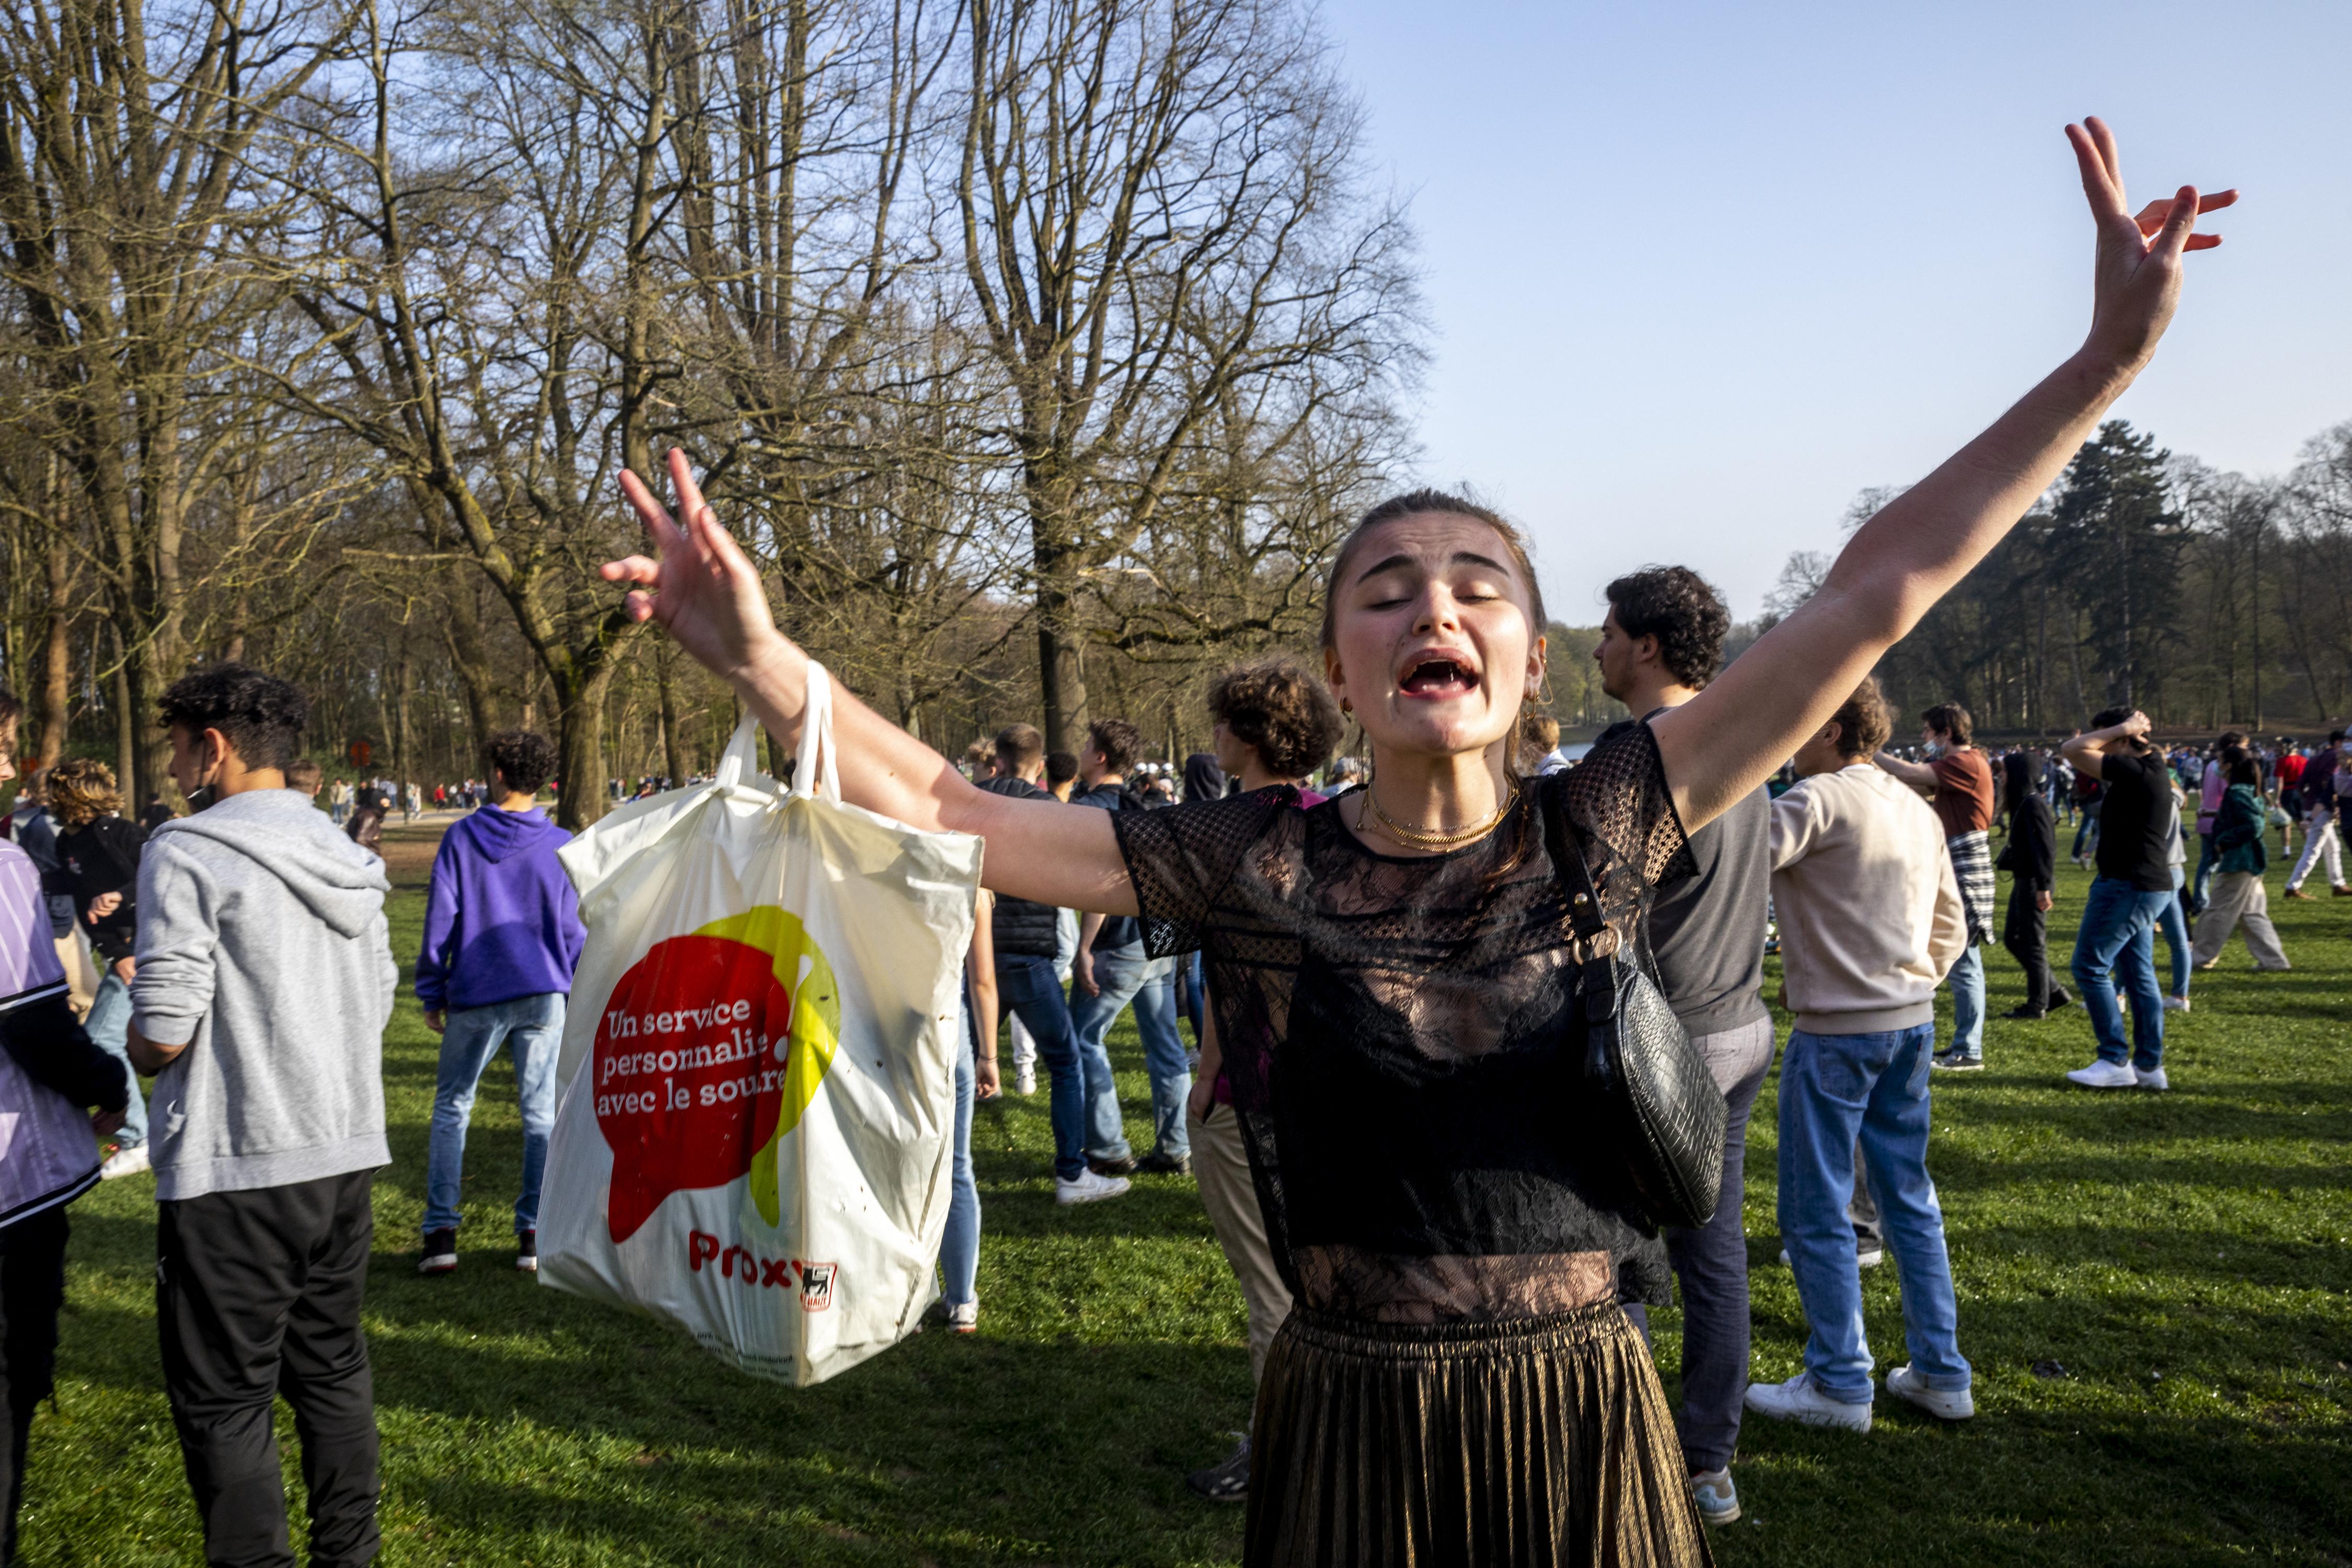 Vízágyúval oszlatták a tömeget a rendőrök egy brüsszeli parkban, ahol április 1-jei tréfaként kamukoncertet szerveztek